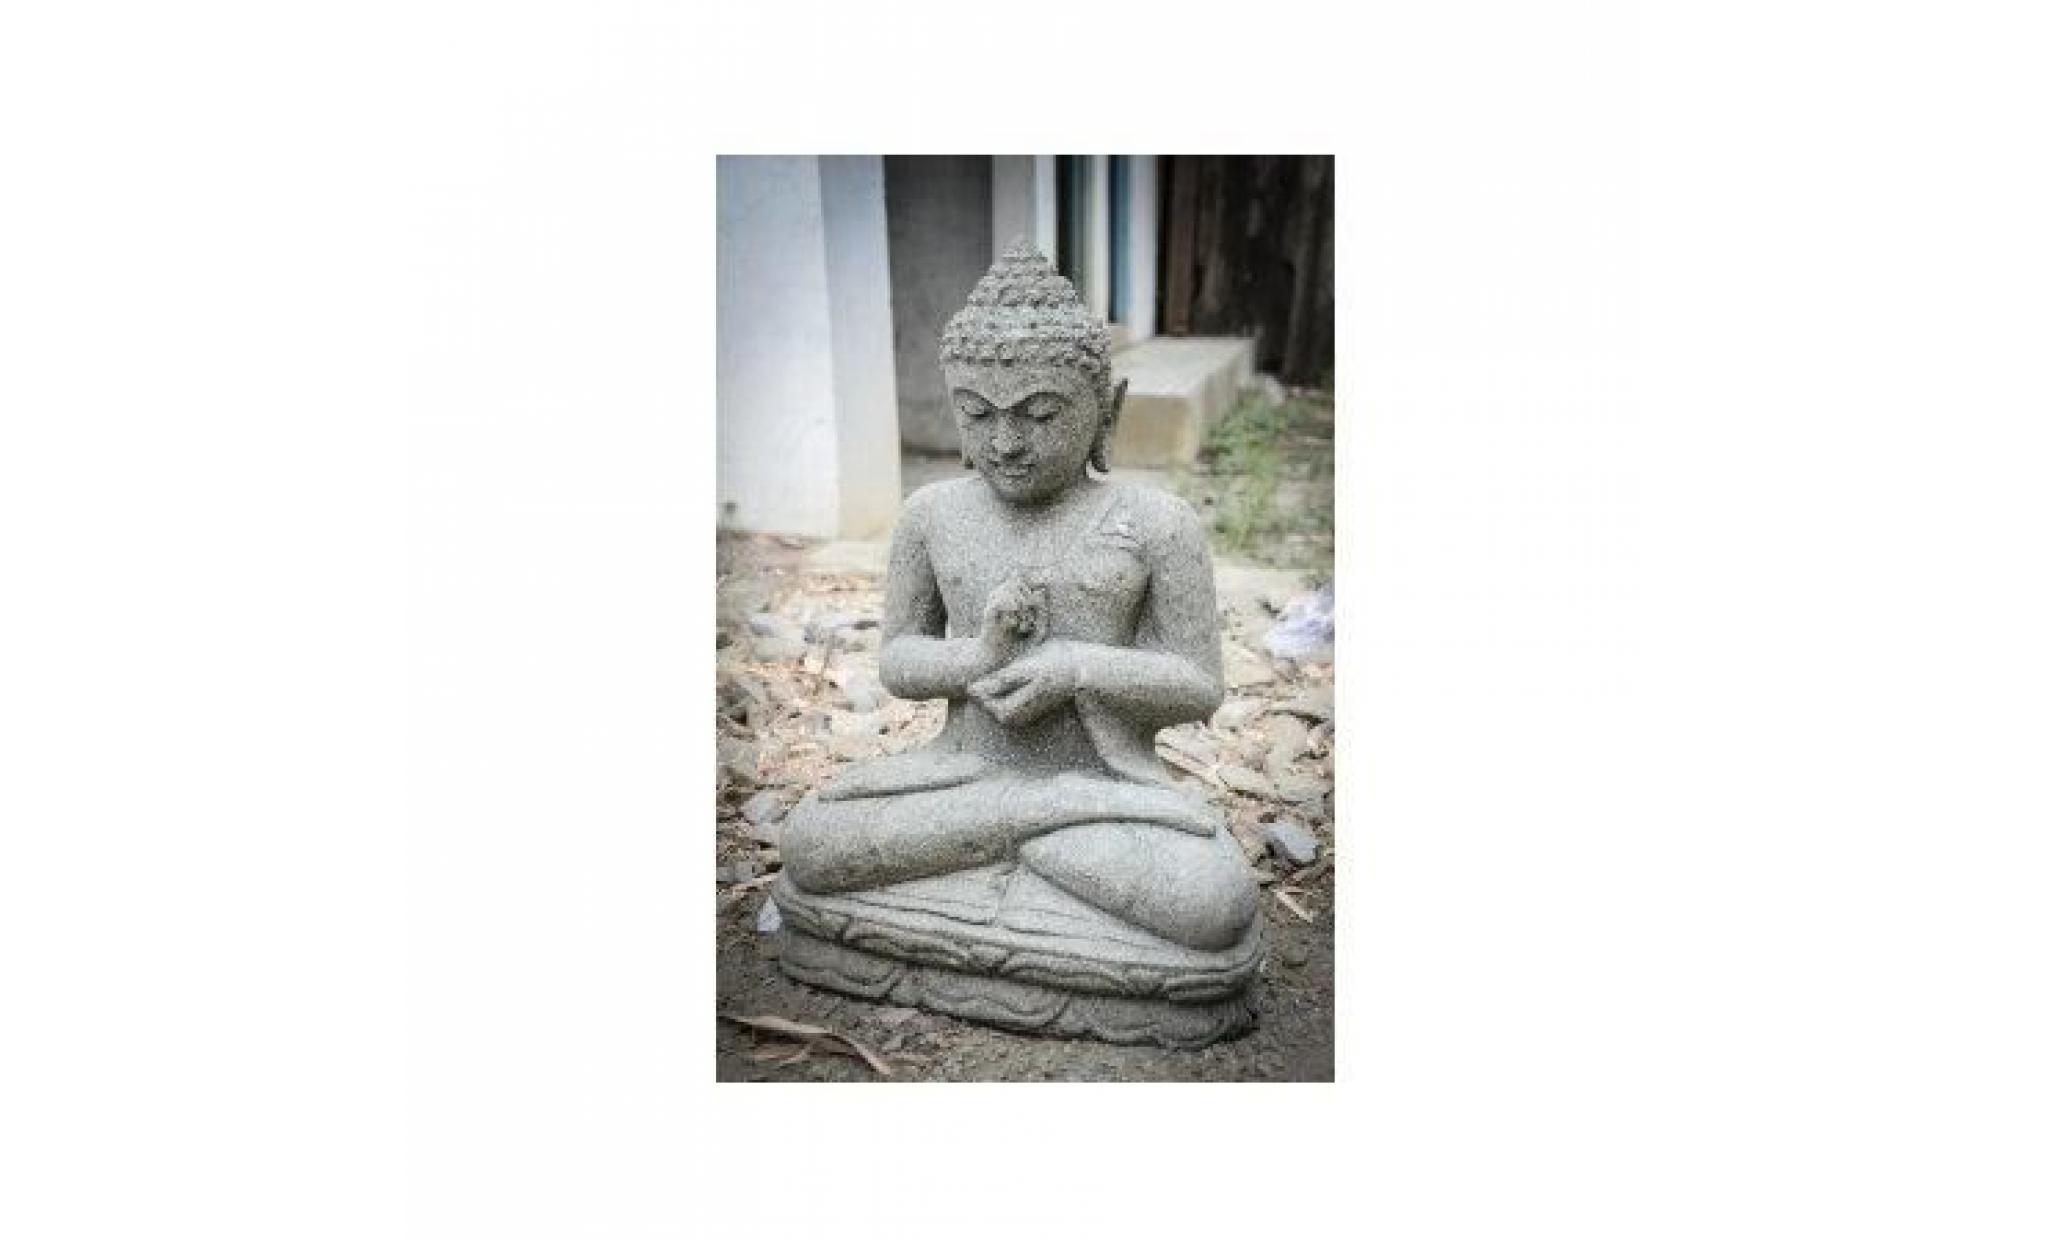 statue de jardin bouddha en pierre volcanique p - achat/vente